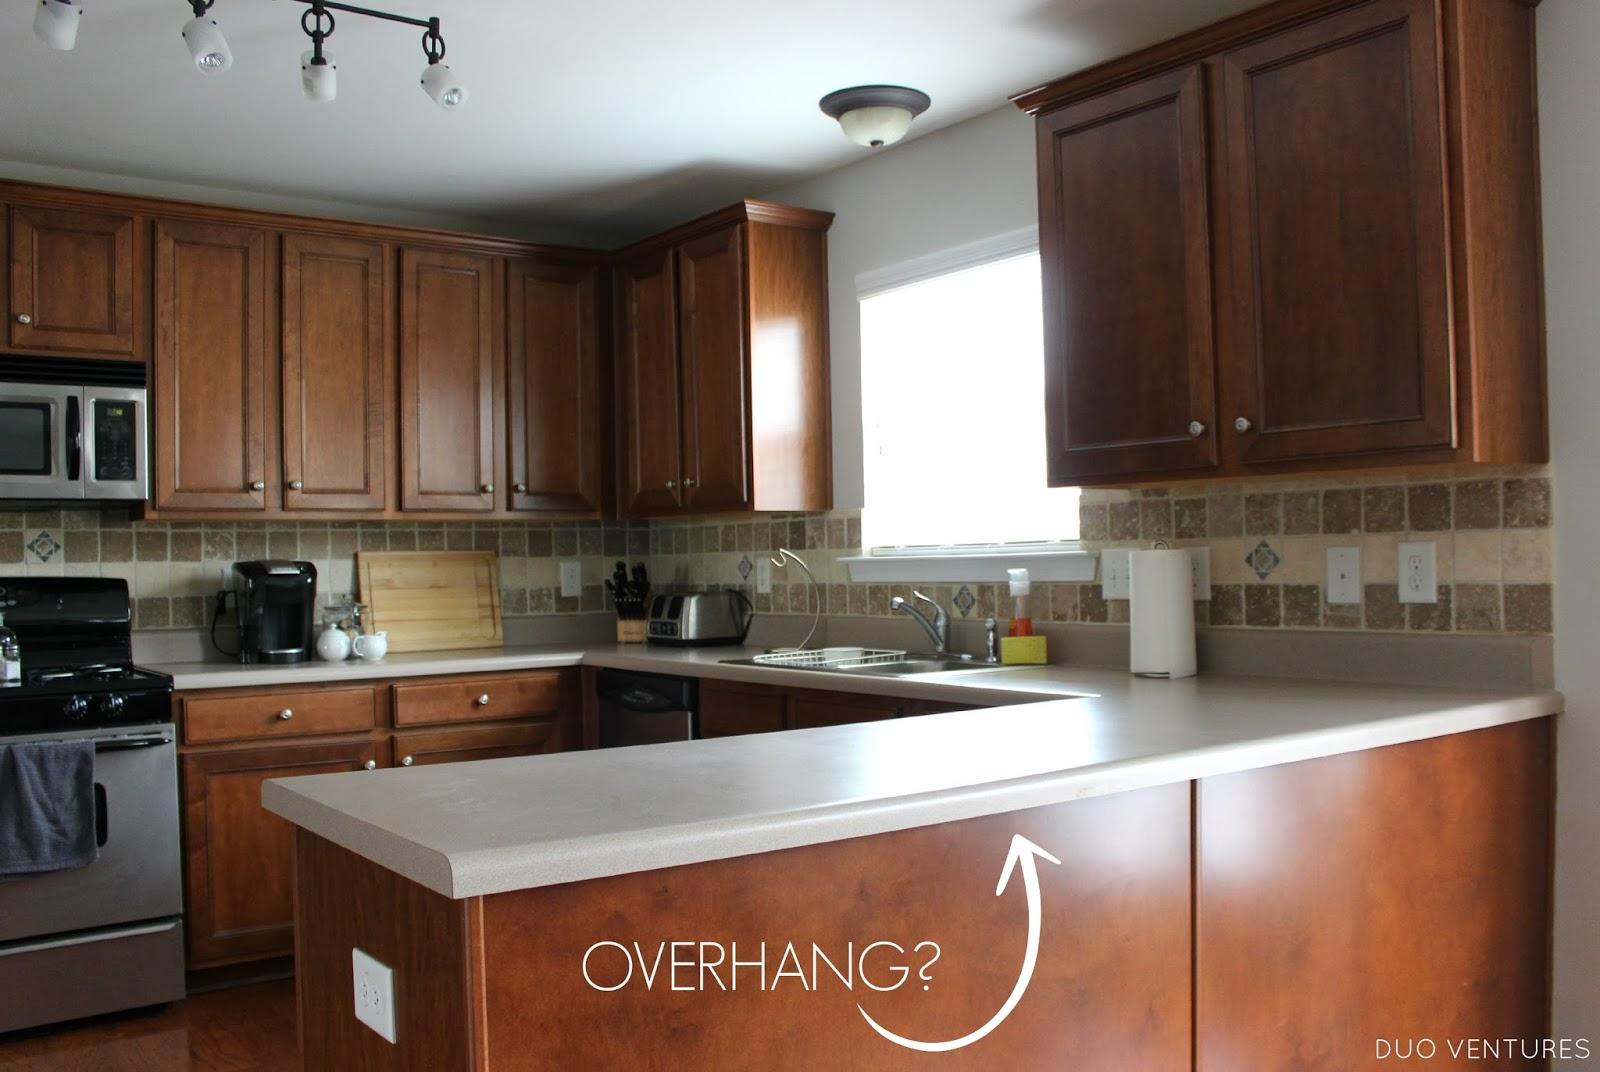 Duo Ventures Kitchen Makeover Choosing Countertops